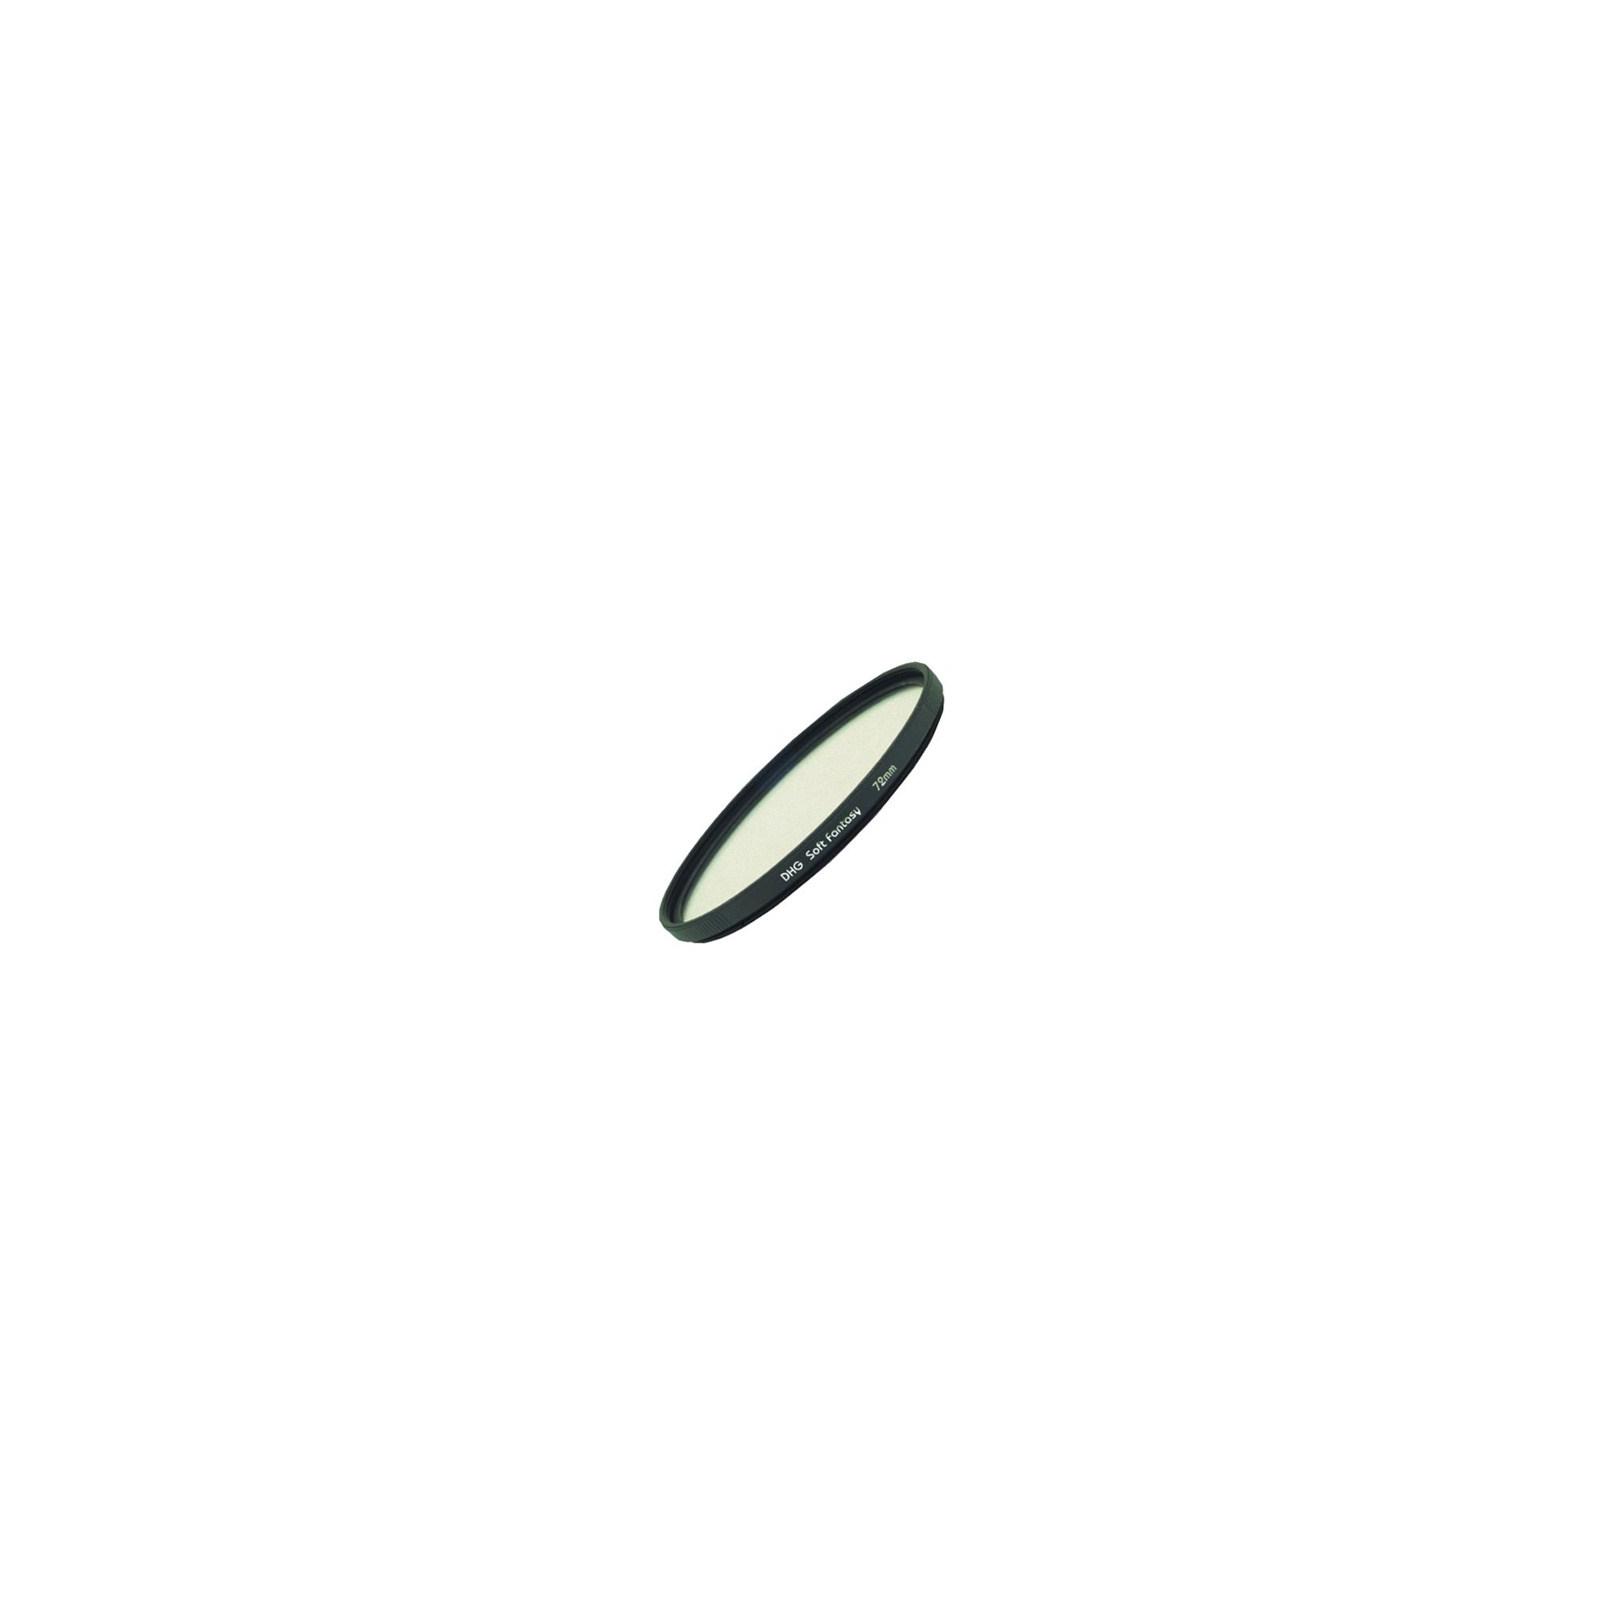 Светофильтр Marumi DHG Soft Fantasy 72mm